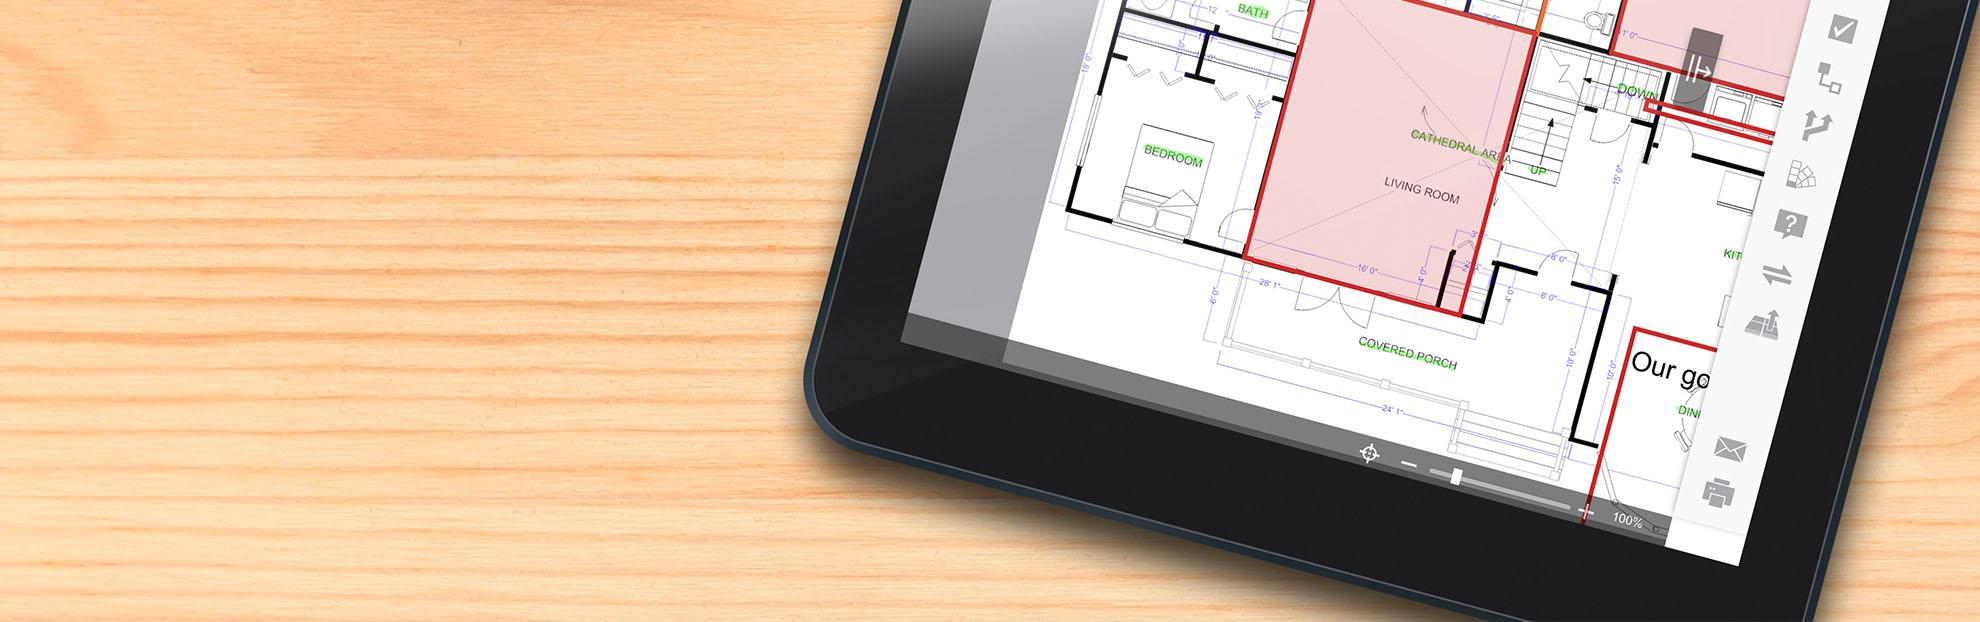 UDA ConstructionOnline Design/Build Construction Planroom